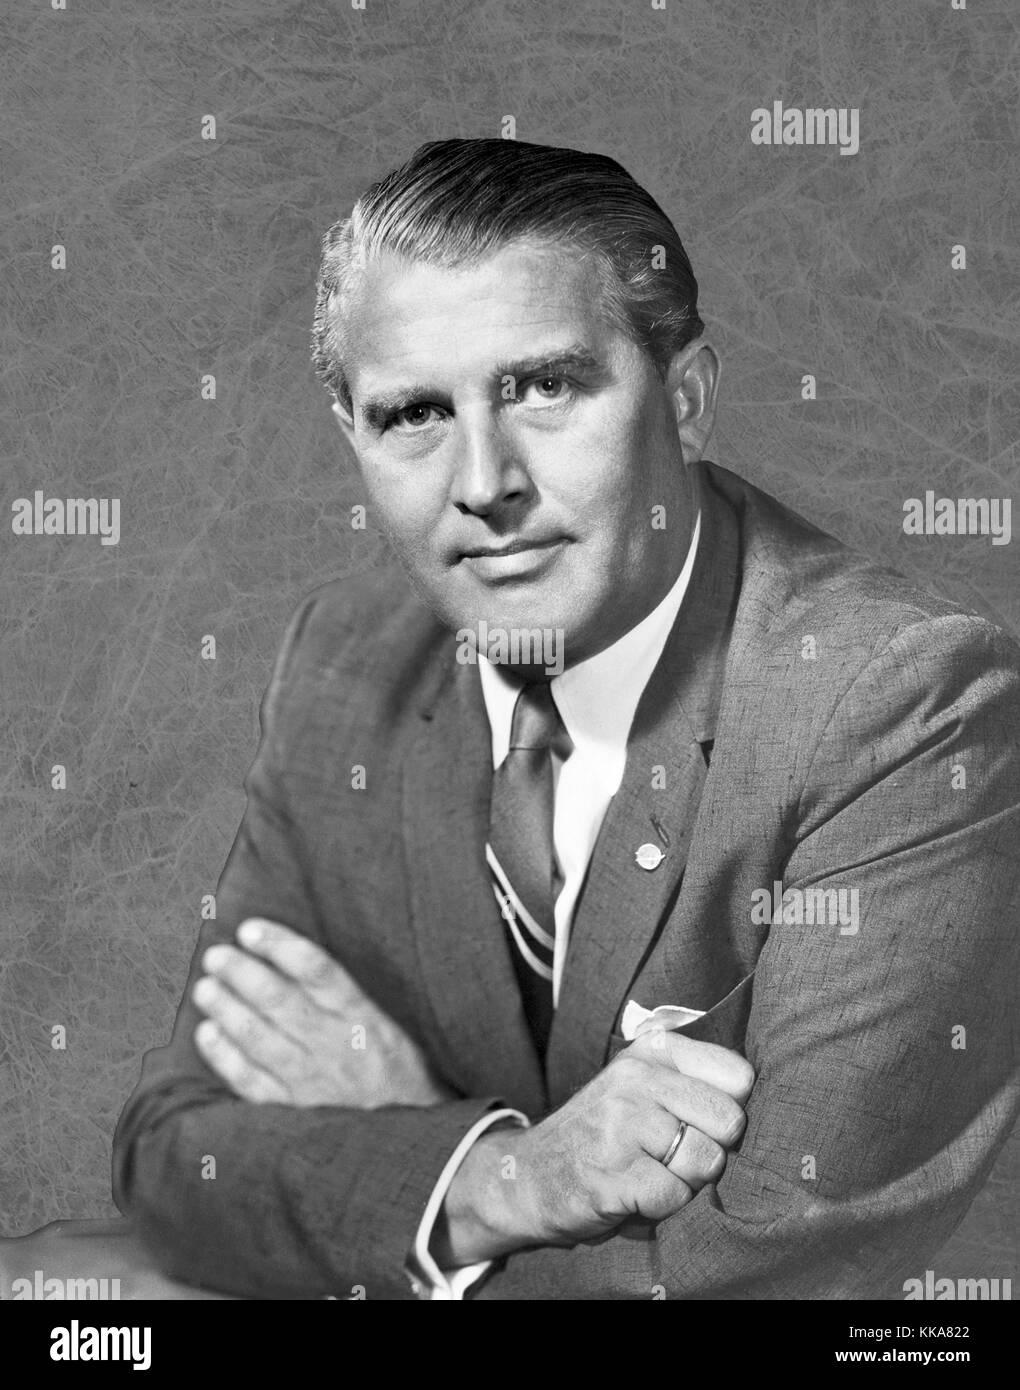 Wernher Magnus Maximilian Freiherr von Braun, Dr. Wernher von Braun, German, later American, aerospace engineer - Stock Image